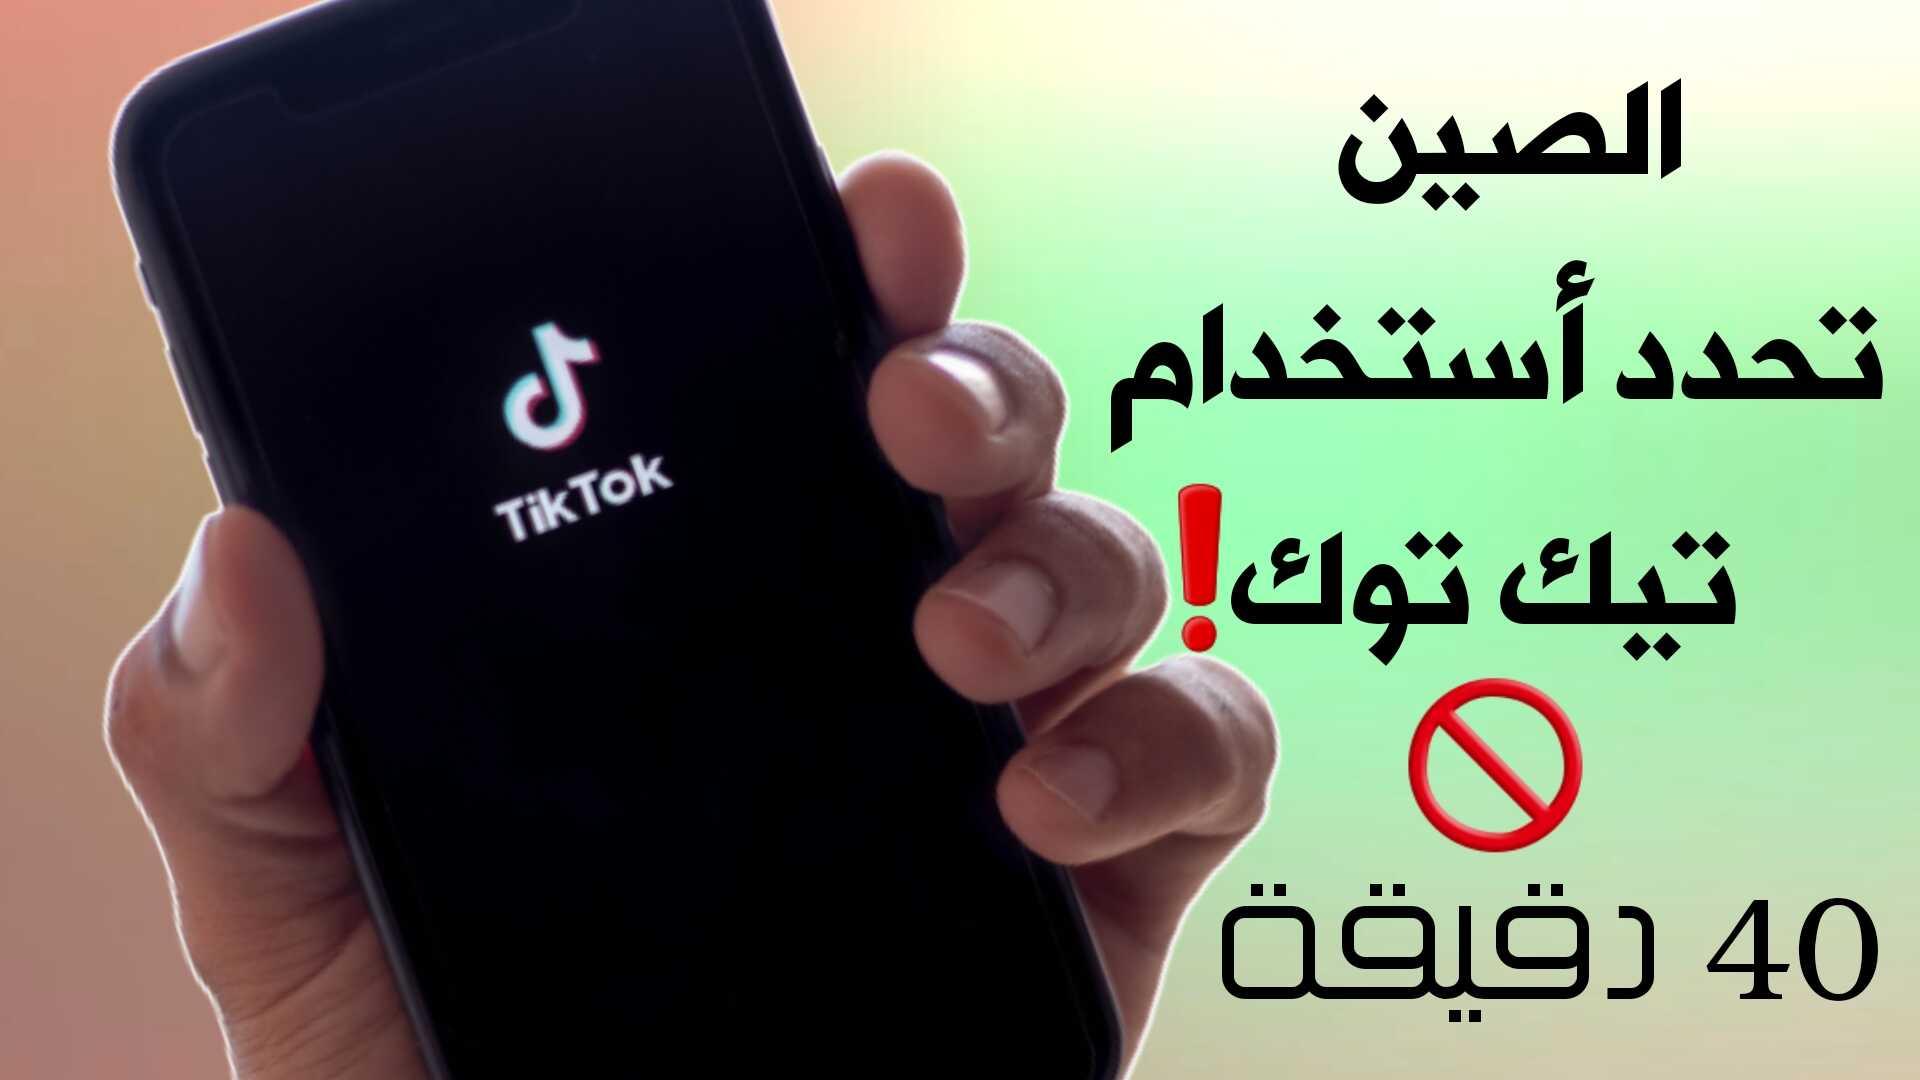 لماذا الصين تحدد أستخدام TikTok على جميع أراضيها